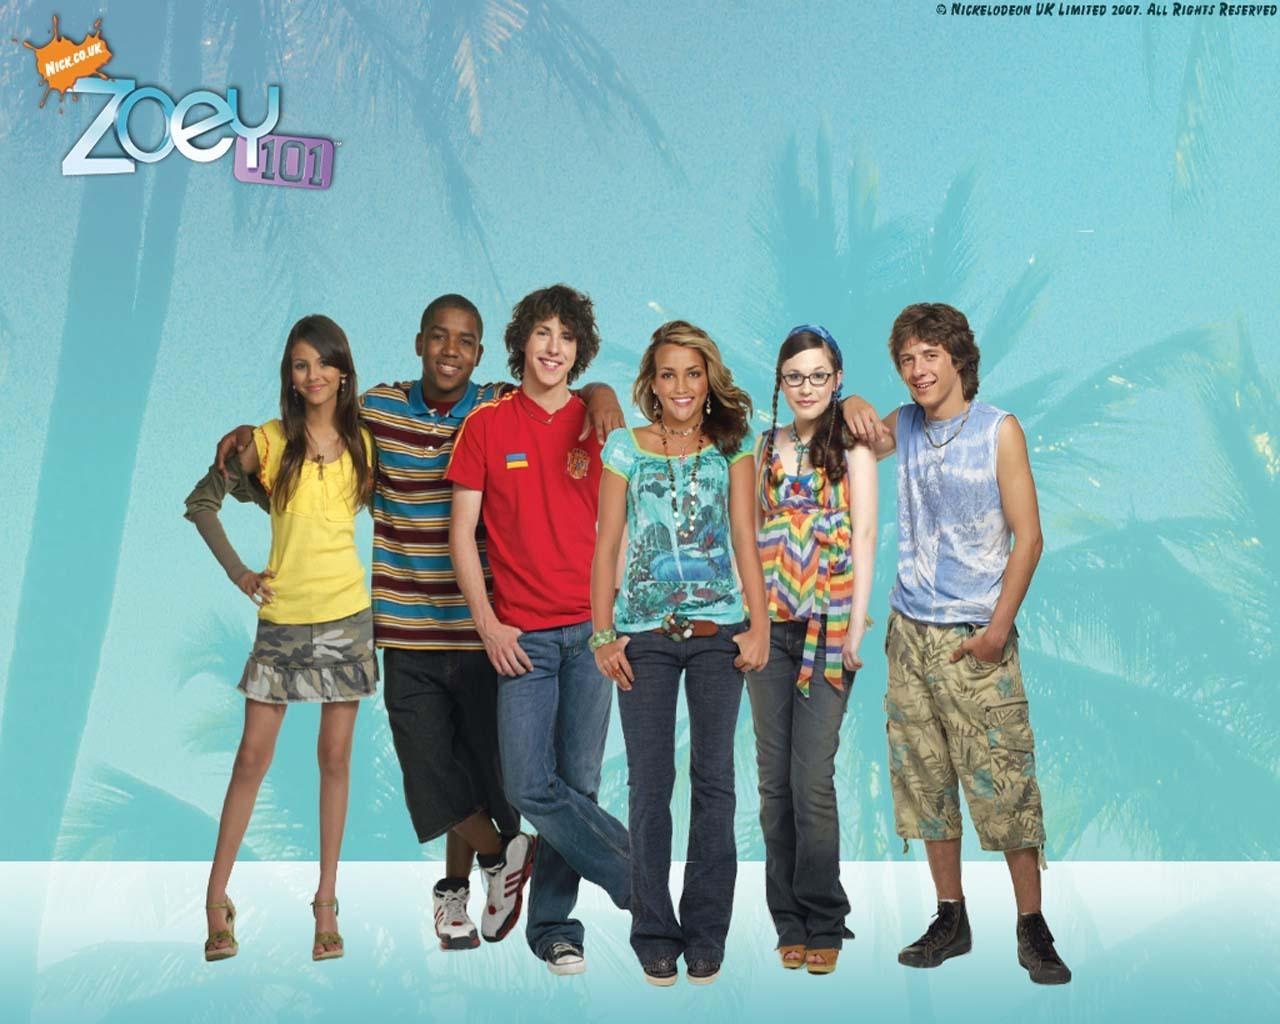 Zoey 101 Wallpaper   Nickelodeon Wallpaper 1566403 1280x1024